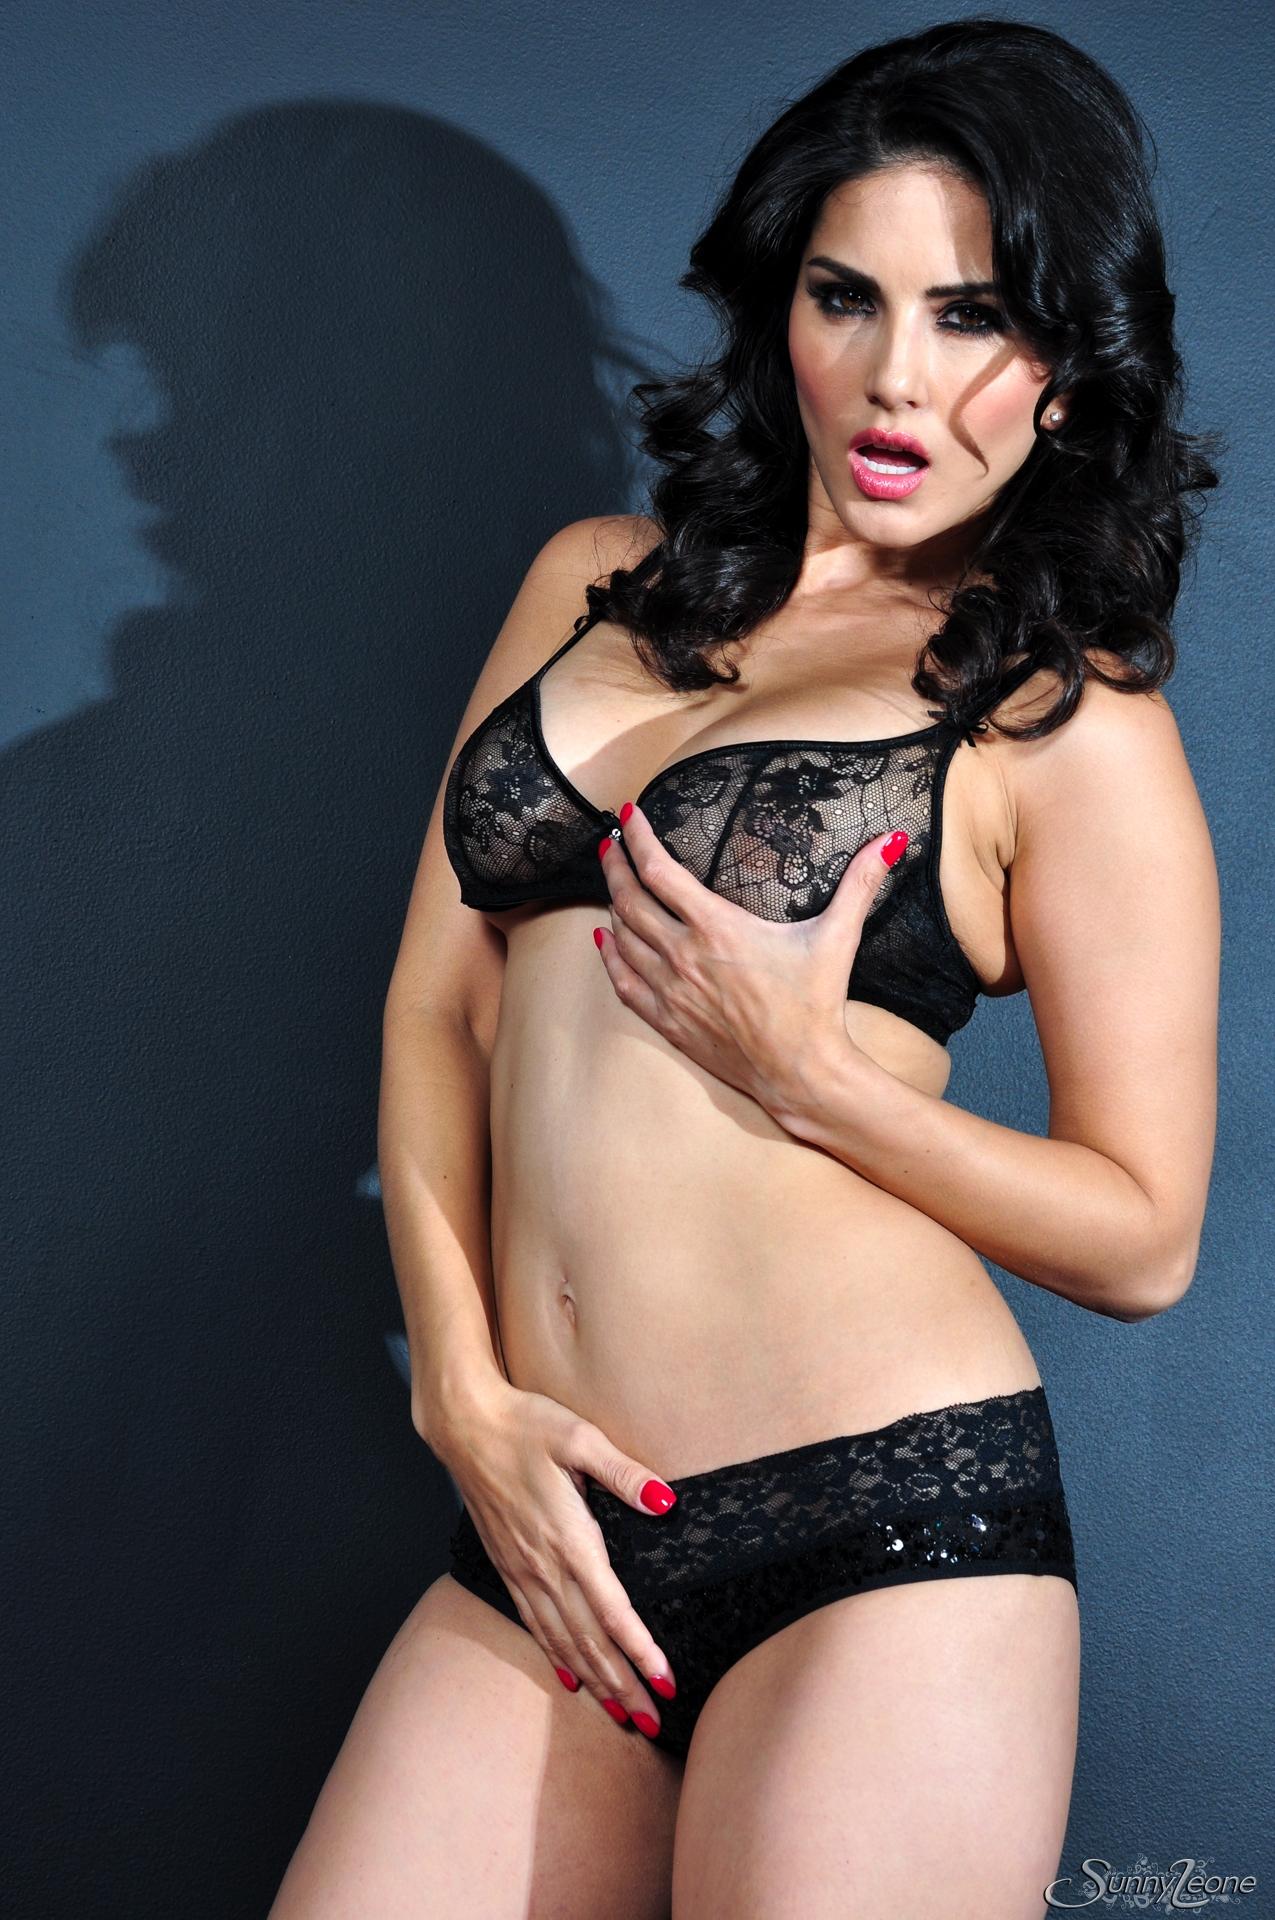 Ae Con Leeun Negro Porno sunny leone sunny leone 543526 - good sex porn